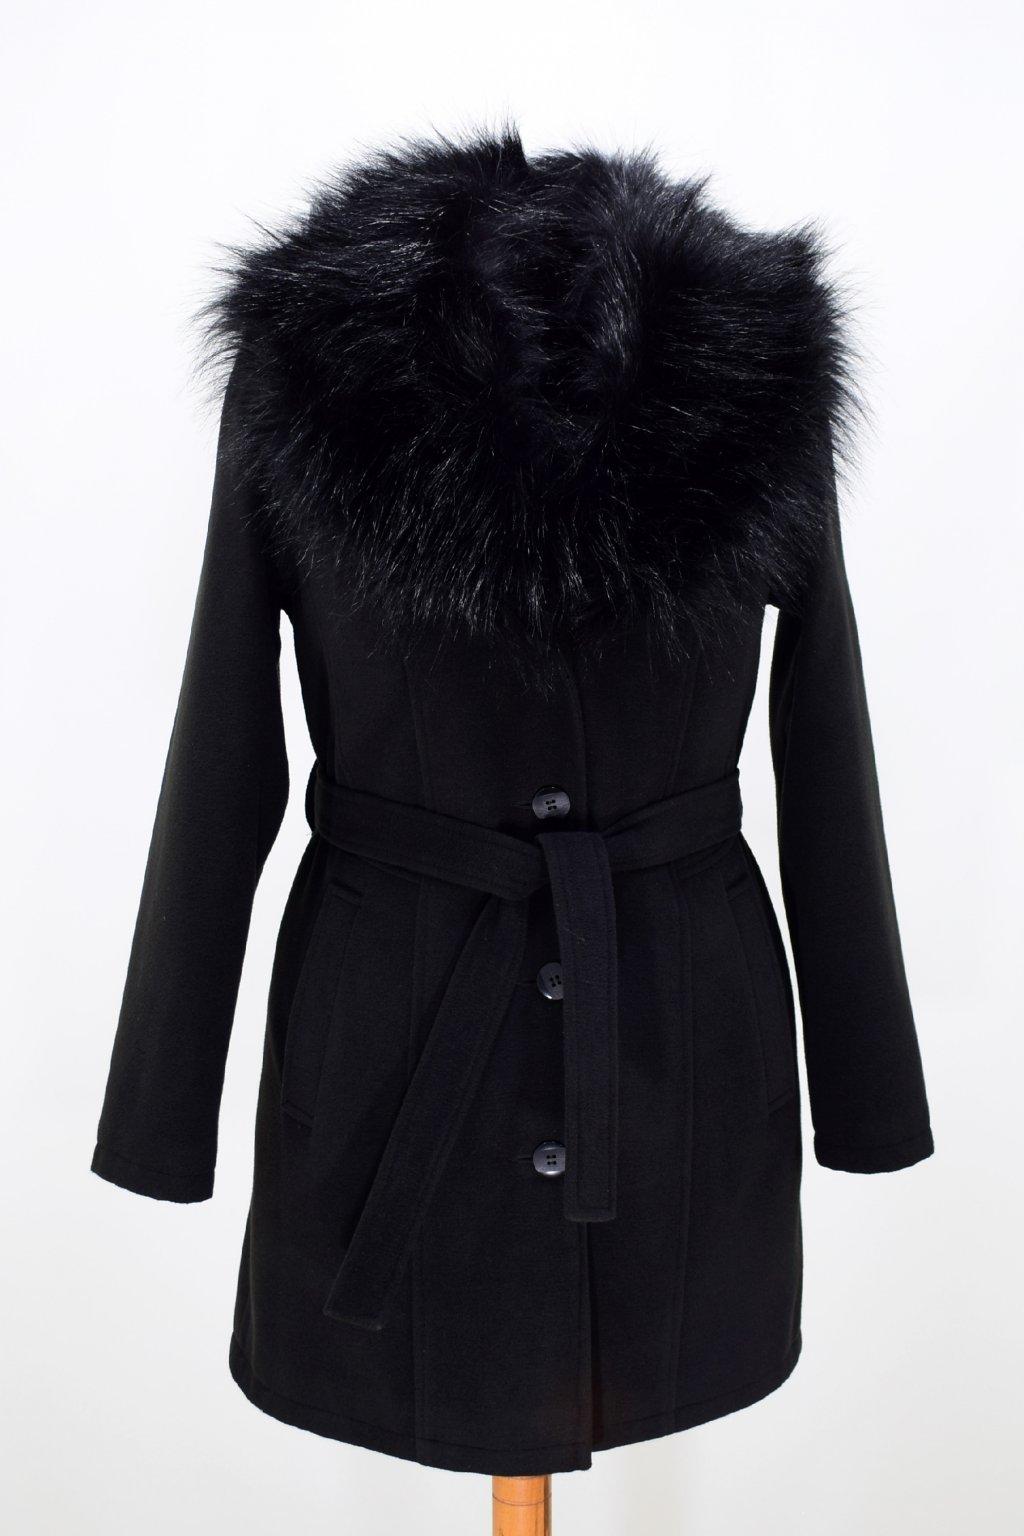 Dámský černý zimní kabát s kožešinou Julie.